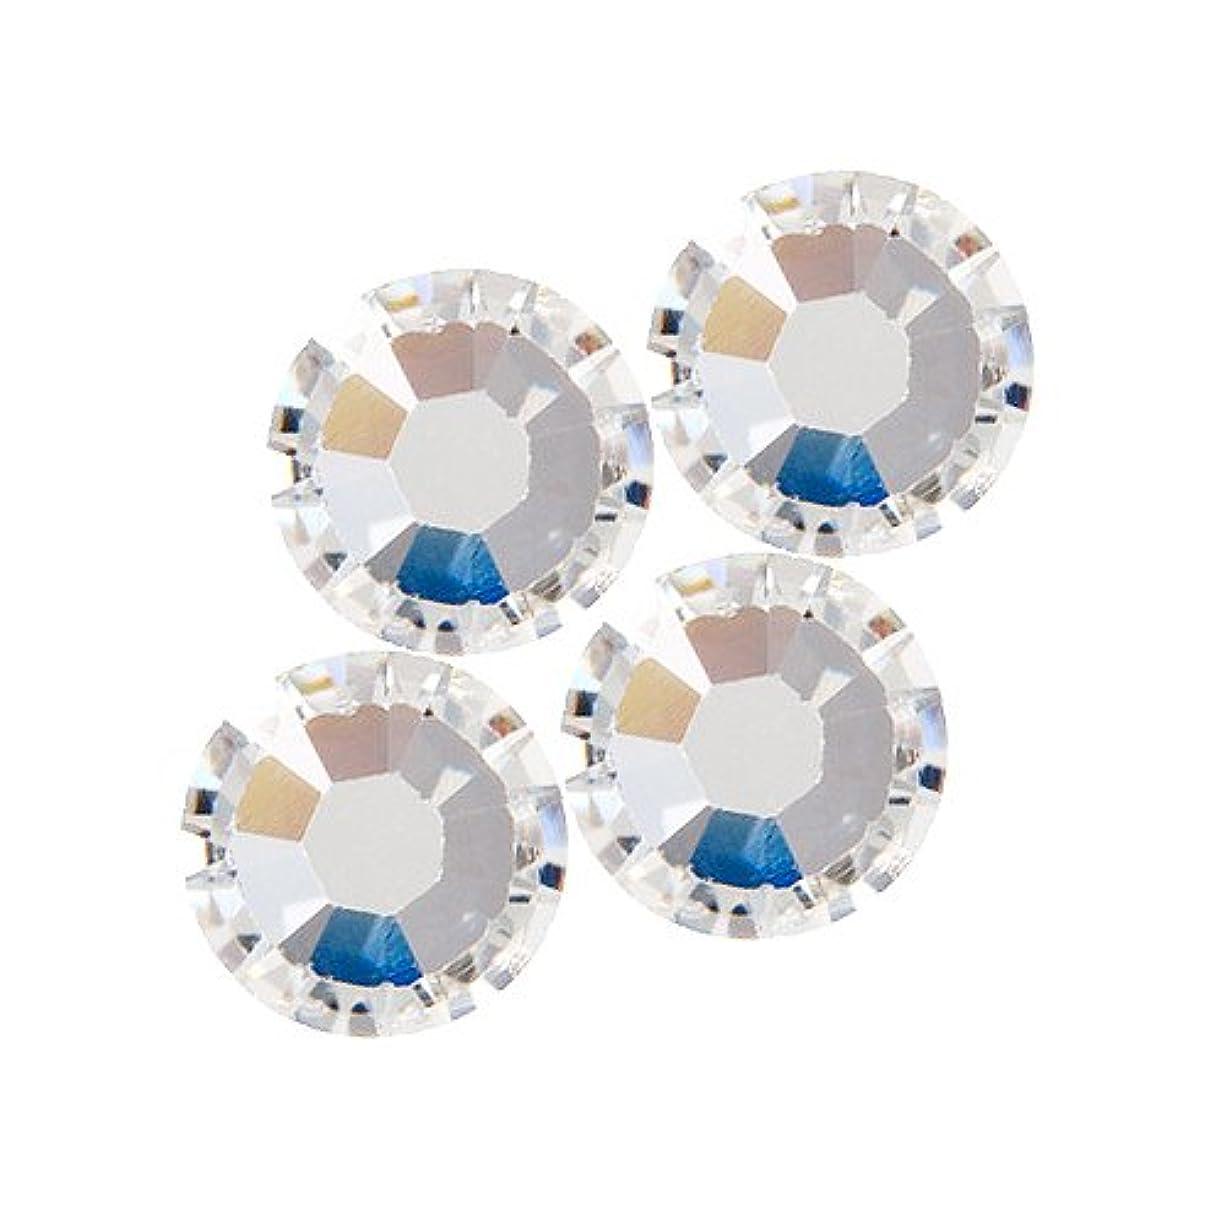 申請中悪党広くバイナル DIAMOND RHINESTONE  クリスタル SS6 1440粒 ST-SS6-CRY-10G